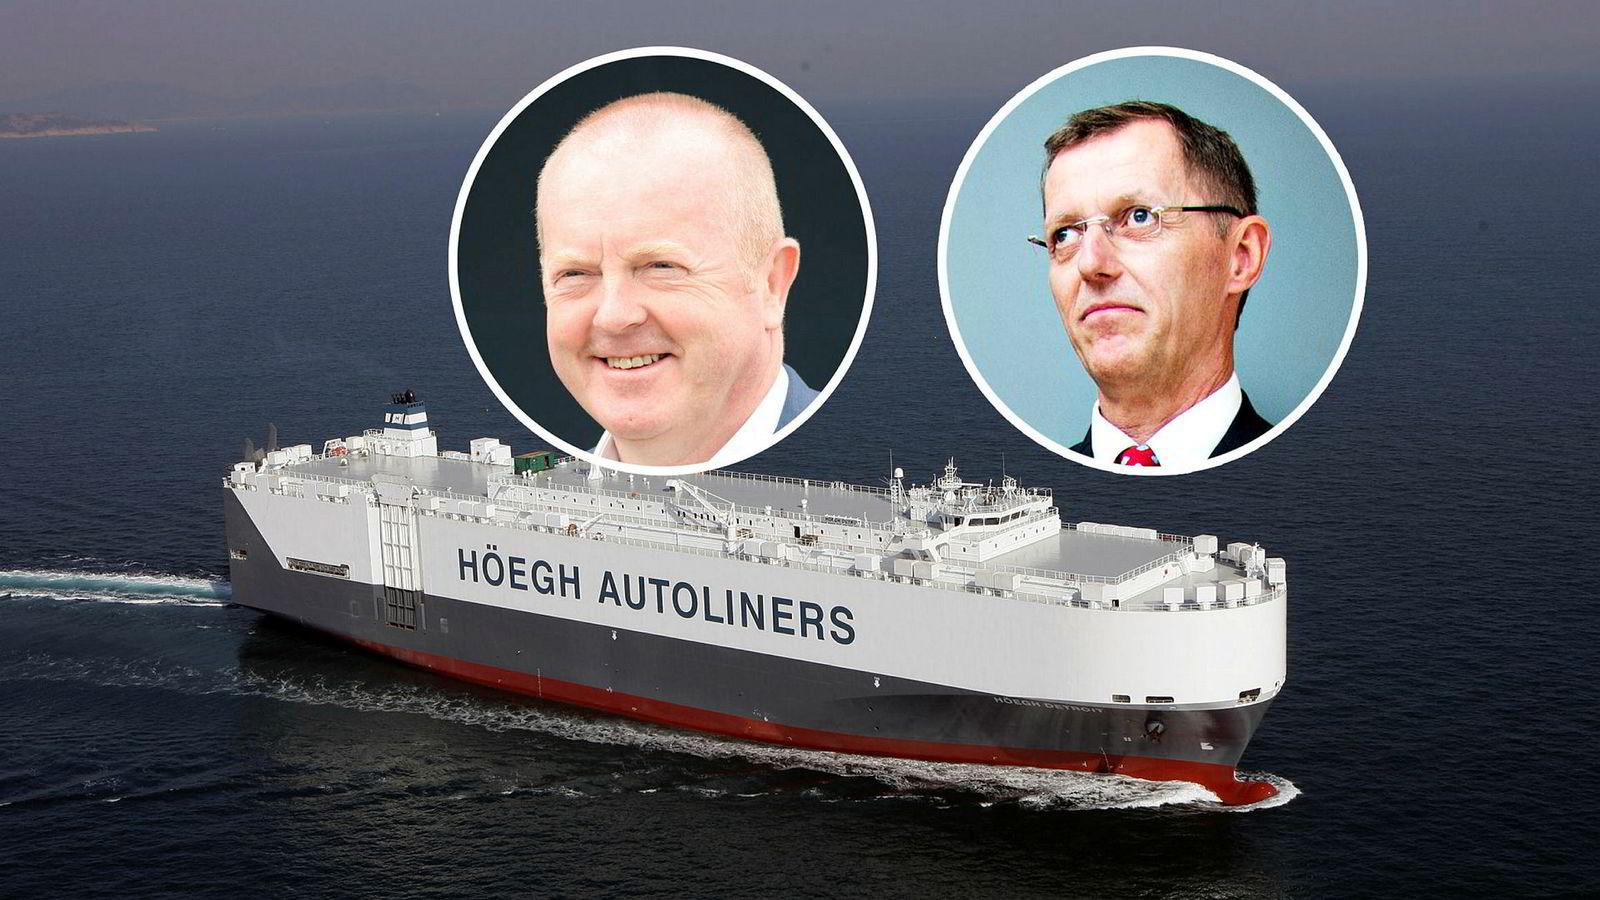 To tidligere norske shippingtopper tiltalt i USA | DN